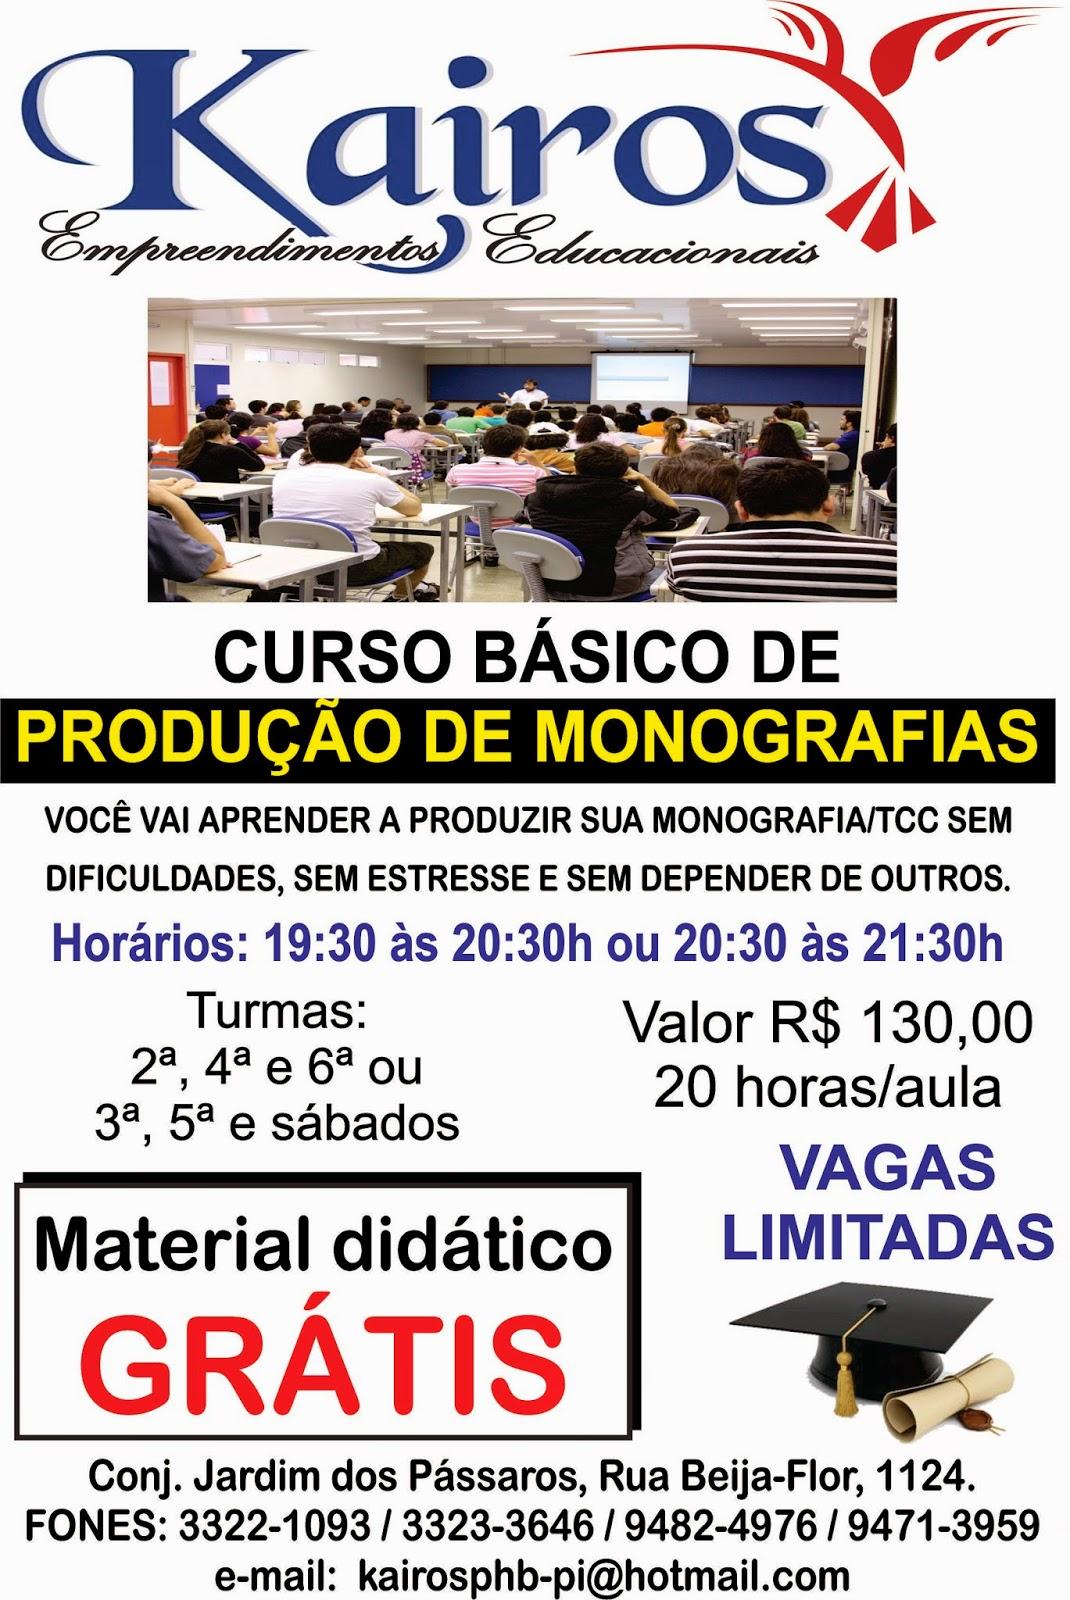 Curso Básico de Produção de Monografias.